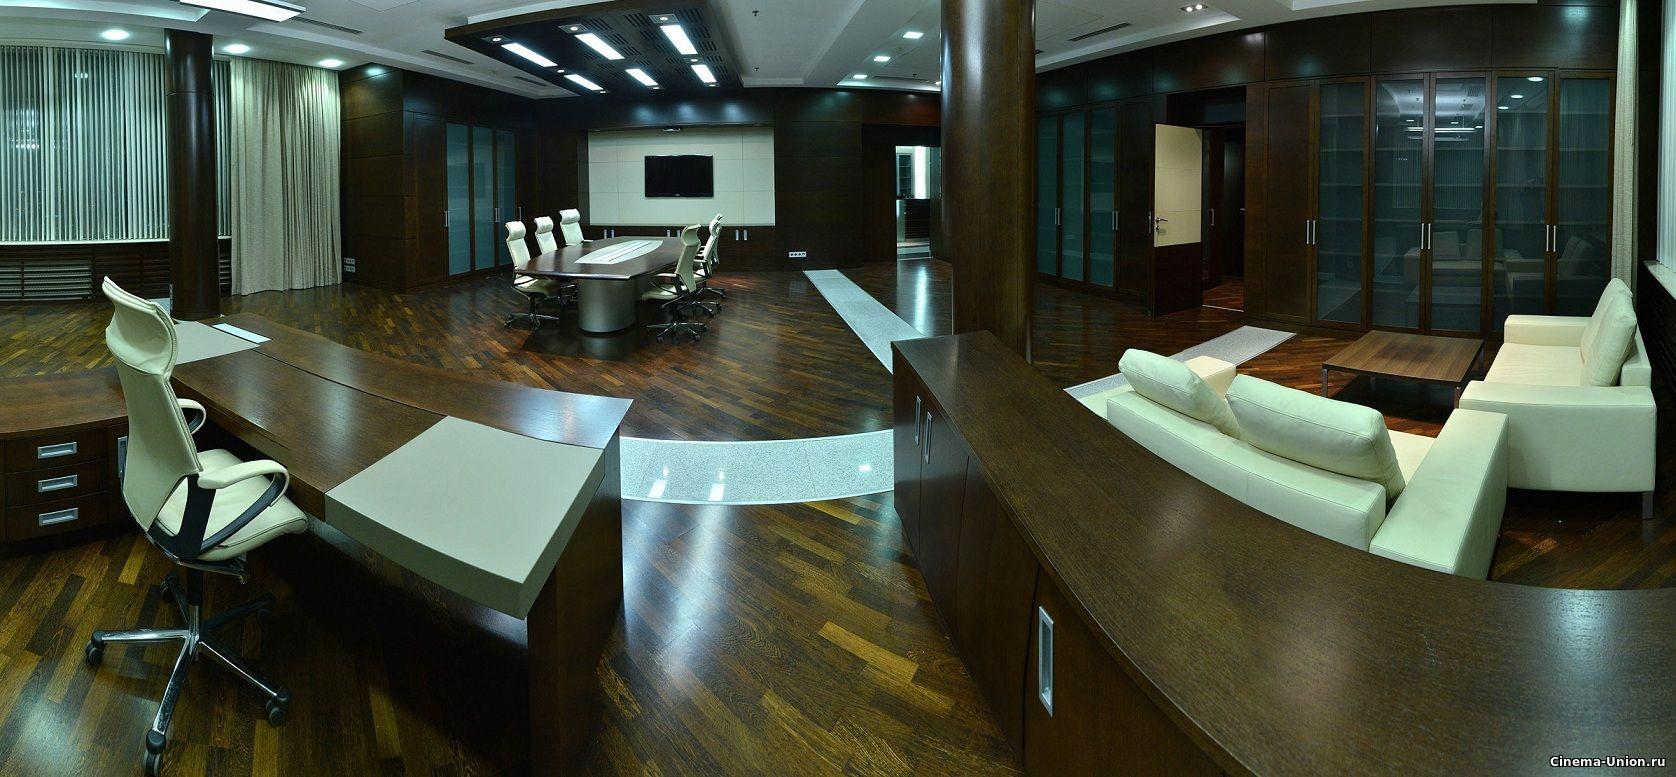 Элитный офис для съемок и др объекты локейшн для киносъемок в Москве